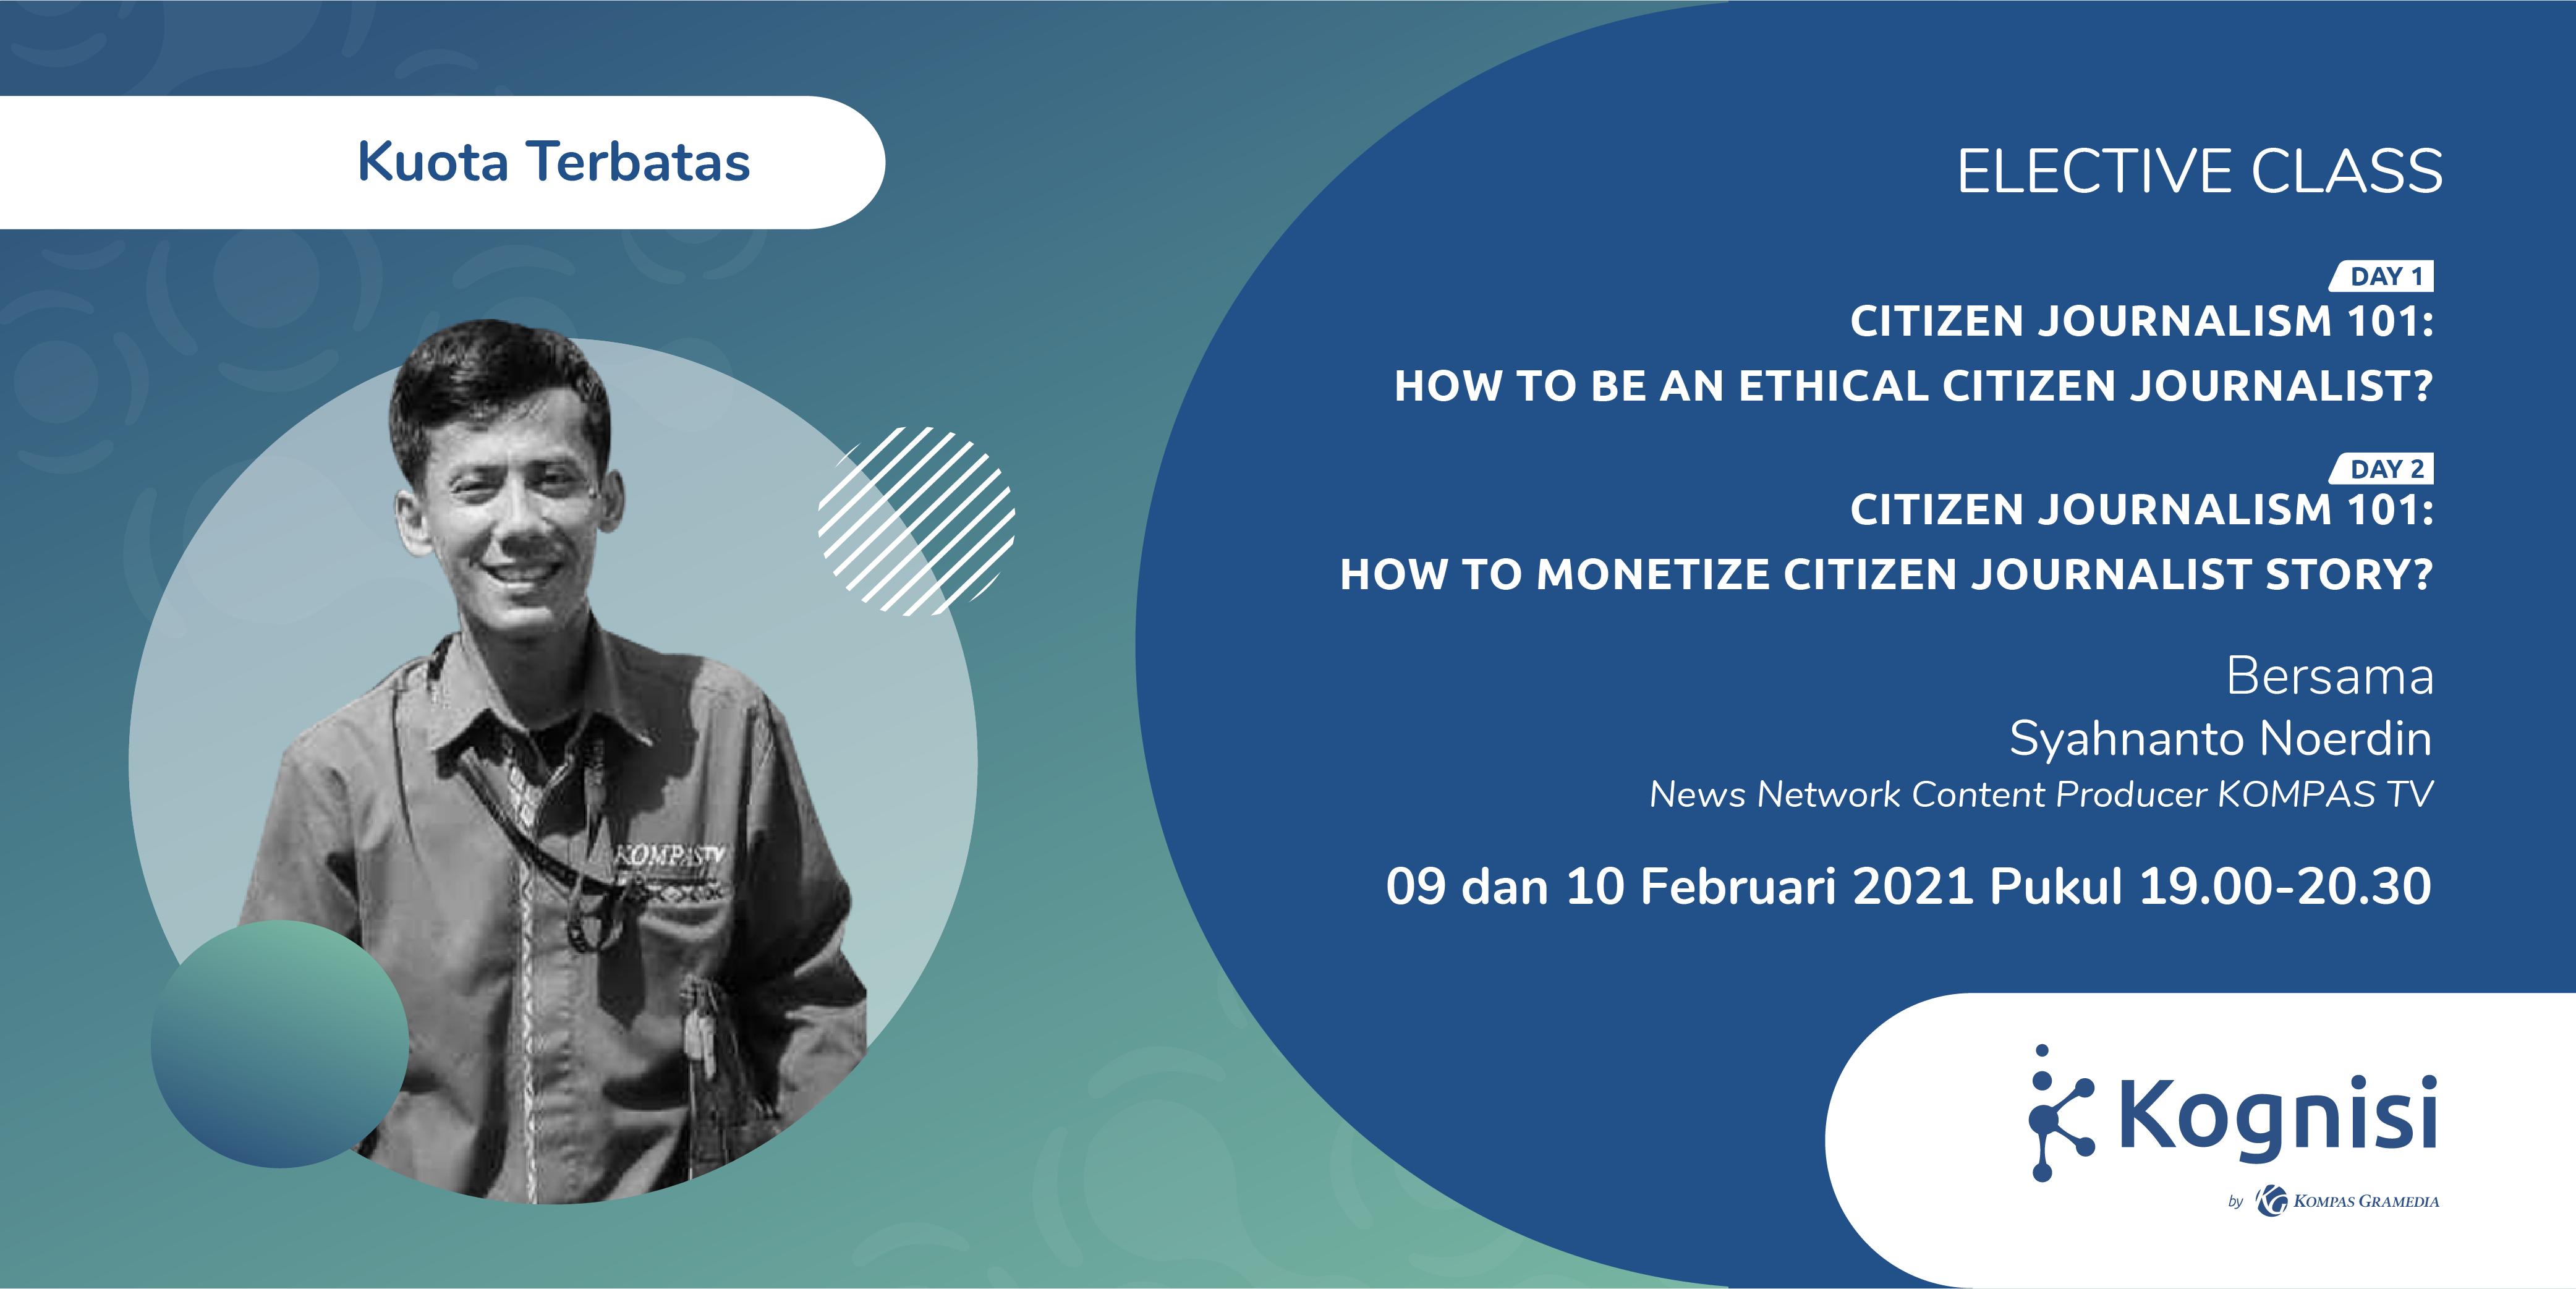 Gambar event Citizen Journalism 101: How to be an Ethical Citizen Journalist? & Citizen Journalism 101: How to Monetize Citizen Journalist Story? dari Kognisi Kompas Gramedia